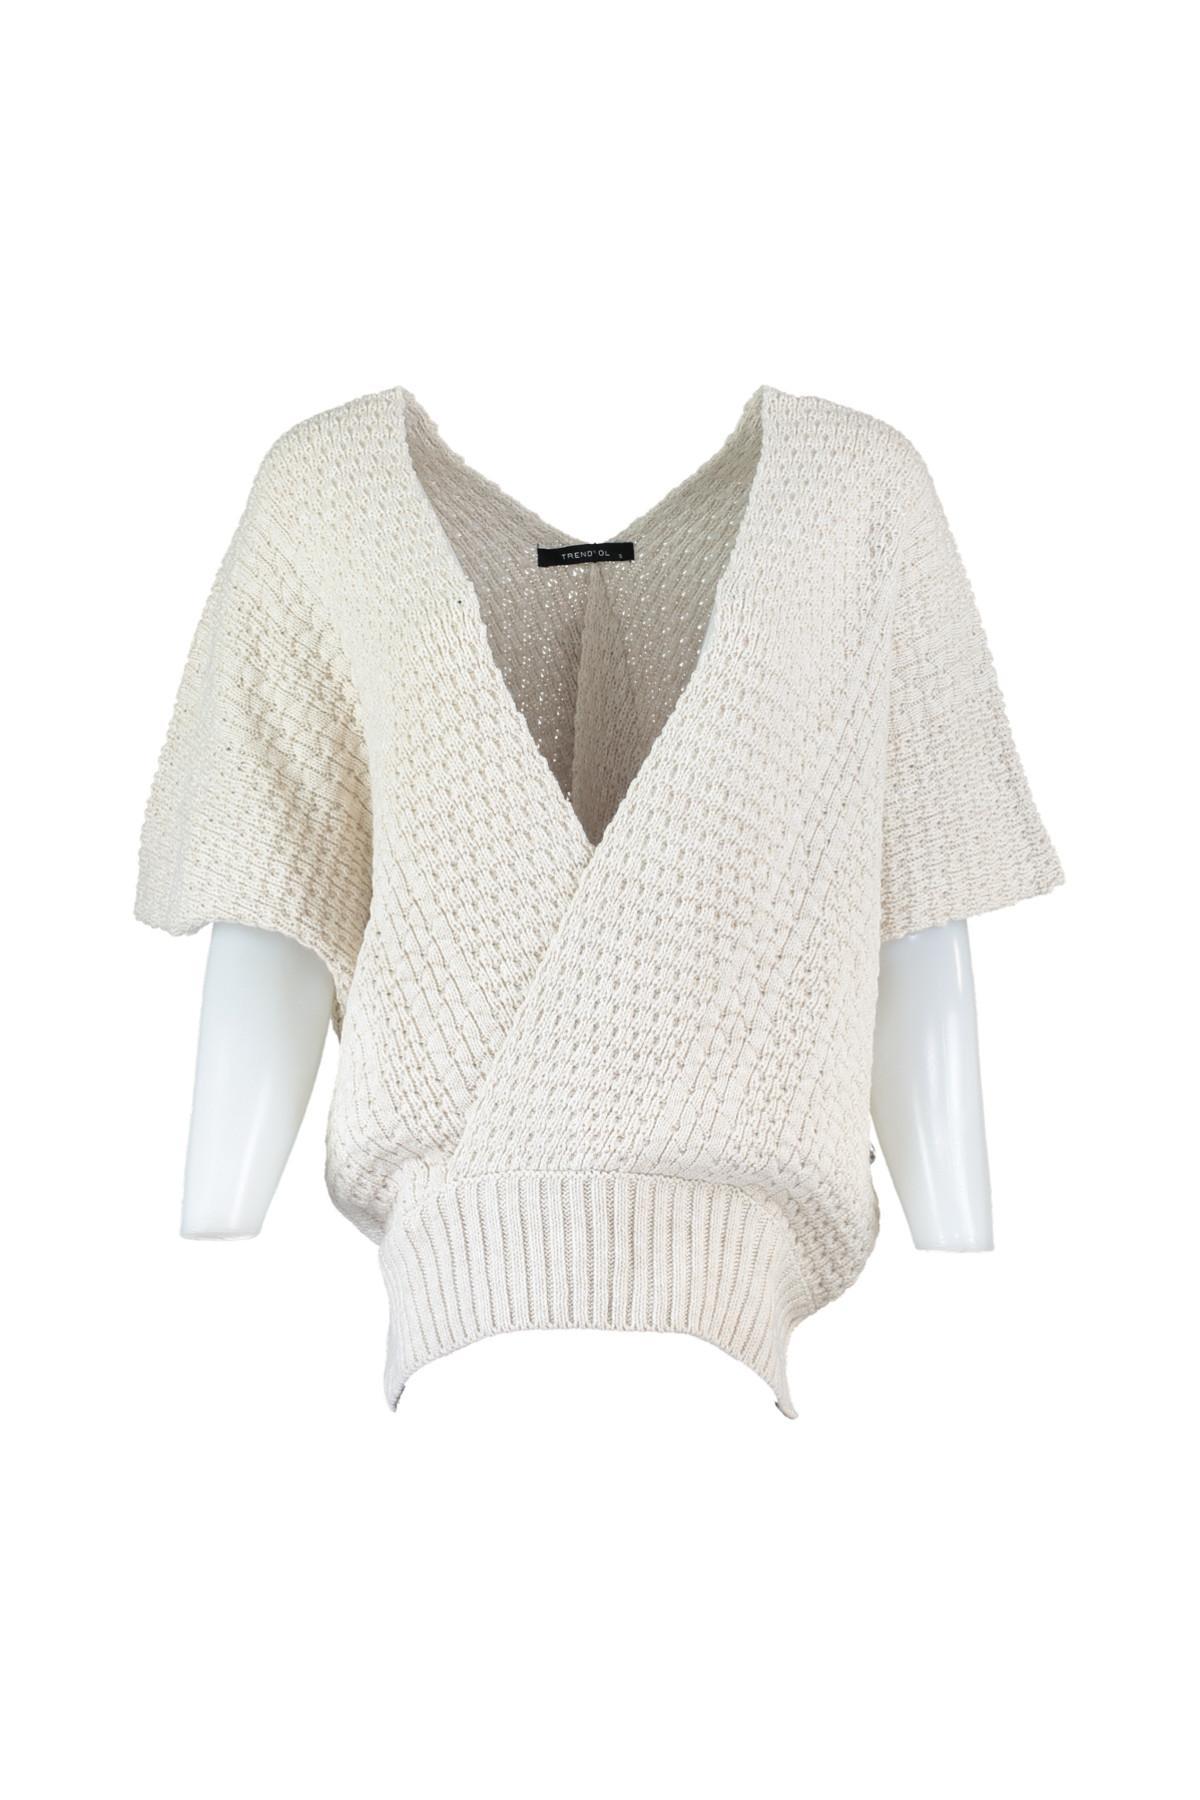 Trendyol WOMEN-Beige Double Breasted Collar Sweater Sweater TWOAW20ZA0003